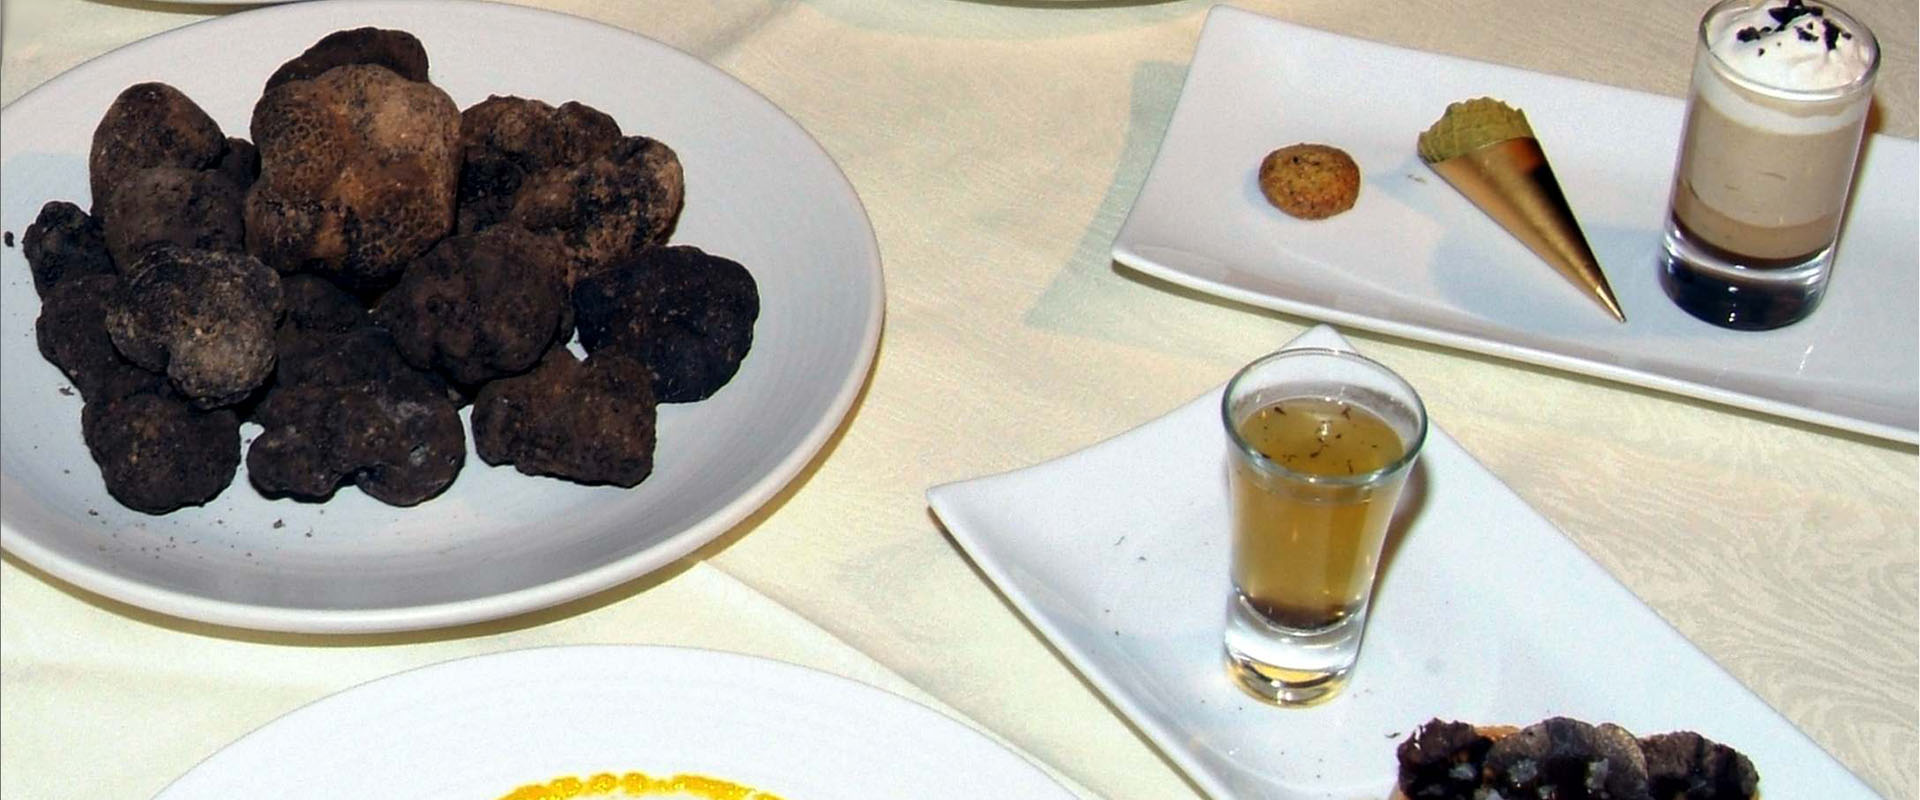 La gastronomía de Morella, un placer del interior de Castellón